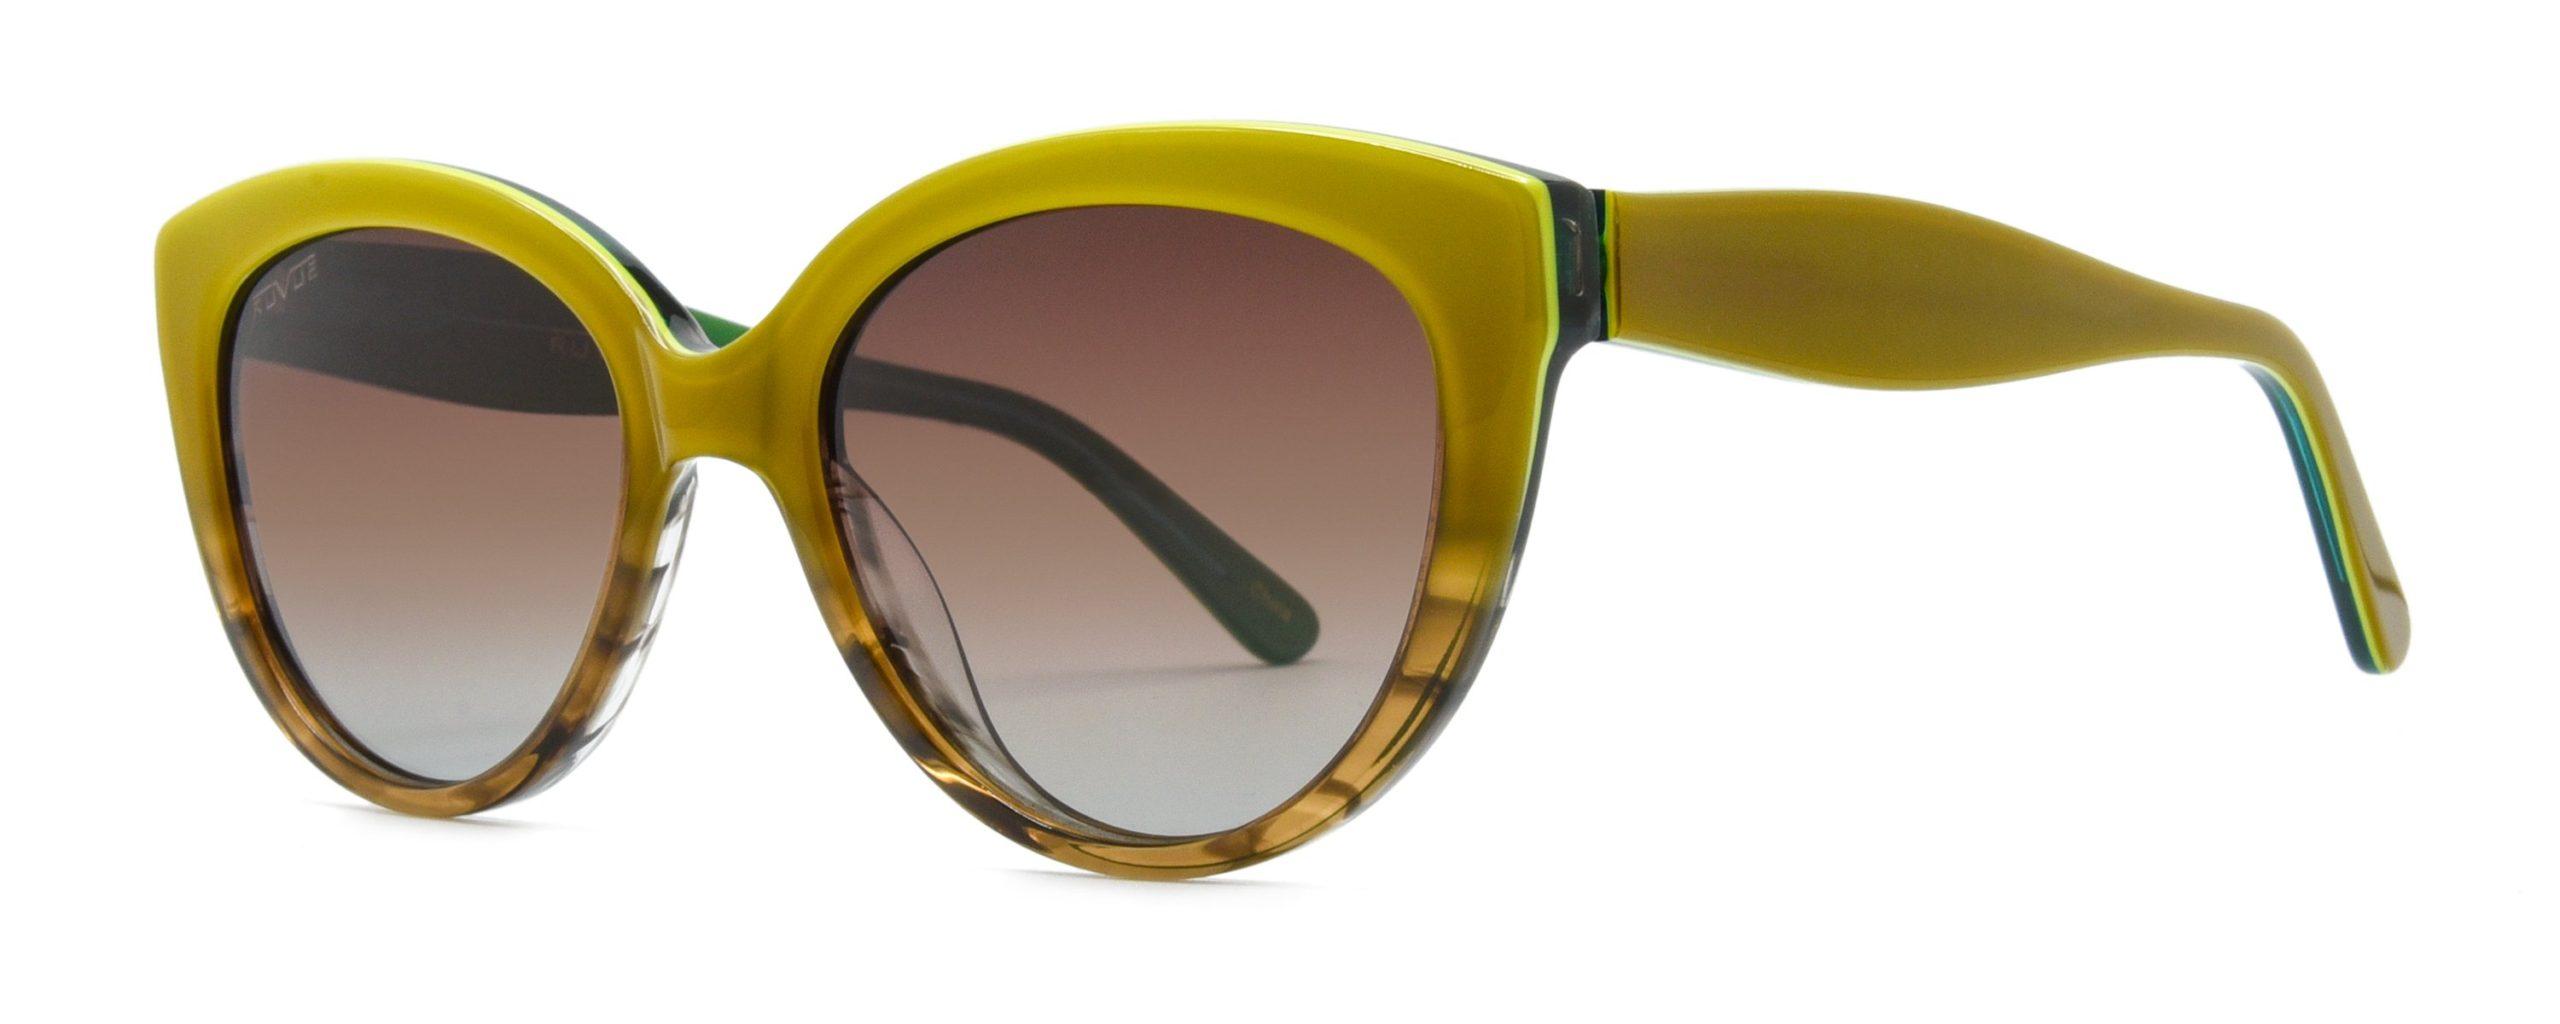 Magdalene - Honey Caramel Green Brown Polarized Lenses - Angle